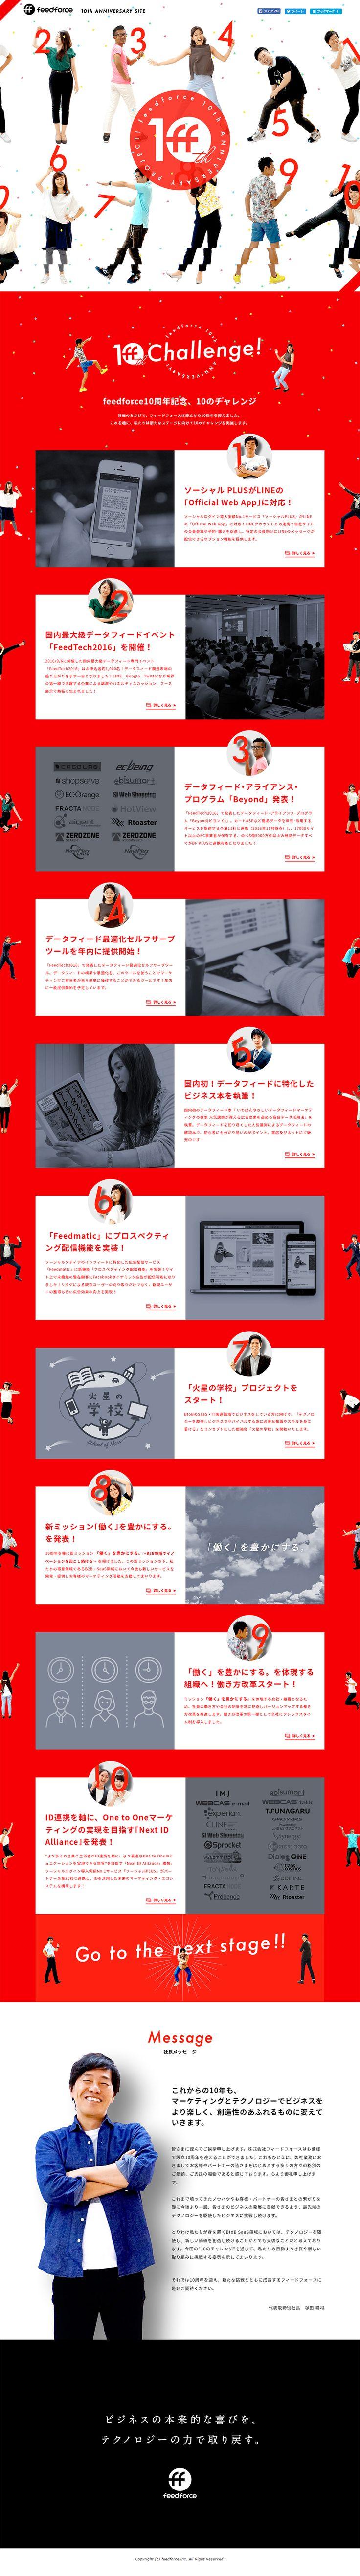 株式会社フィードフォース 10th ANNIVERSARY SITE|WEBデザイナーさん必見!ランディングページのデザイン参考に(かっこいい系)